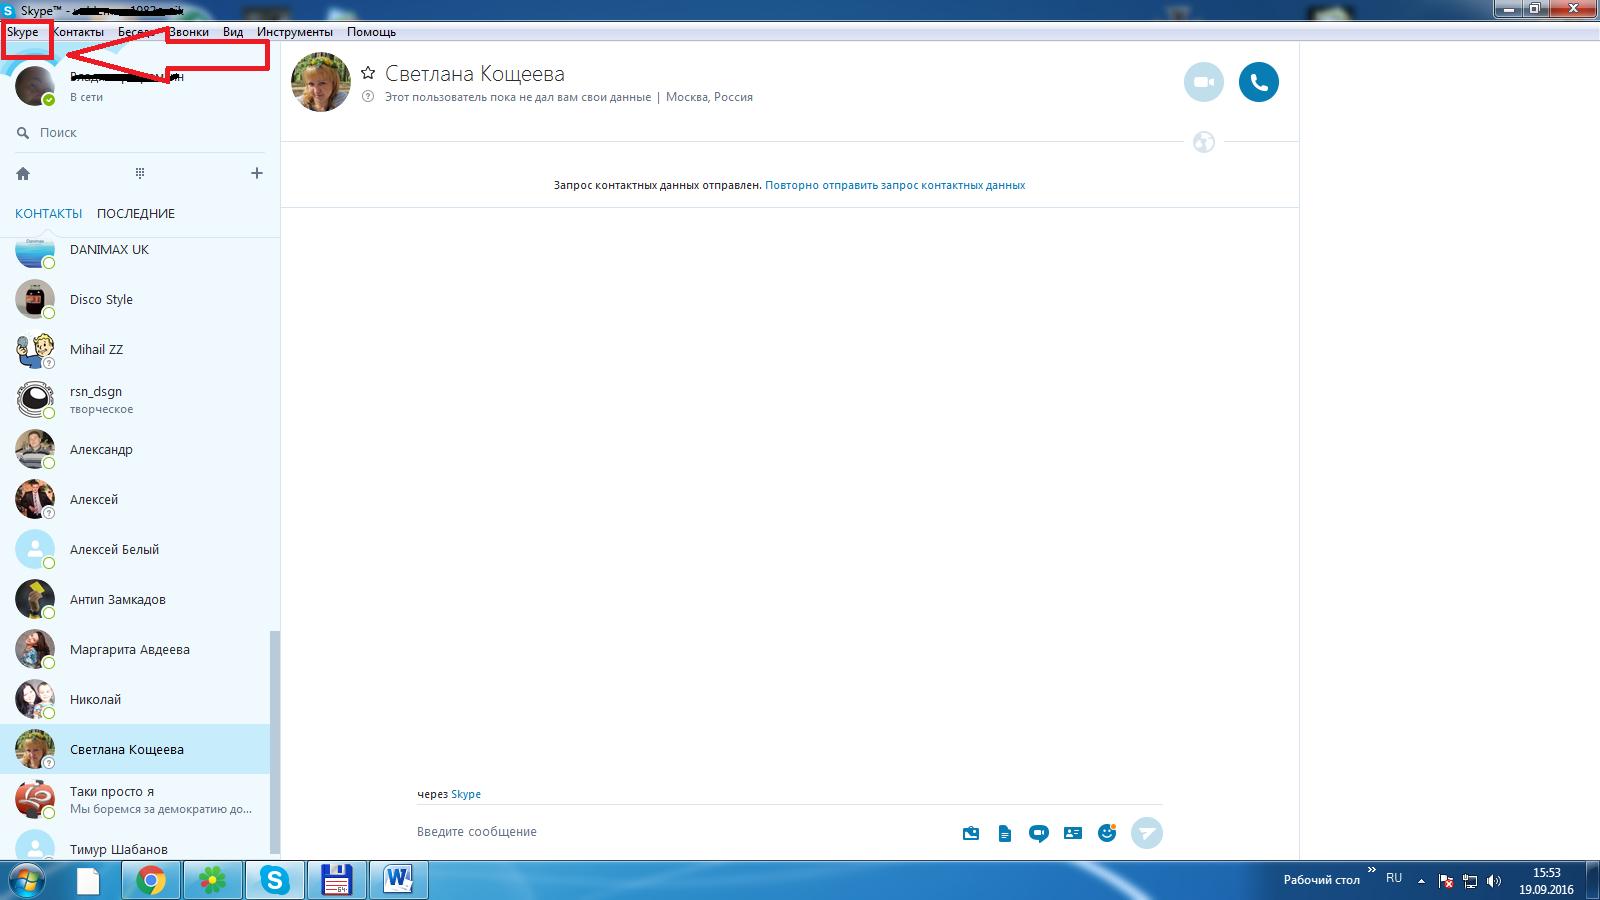 Как сделать нормальный логин в скайпе